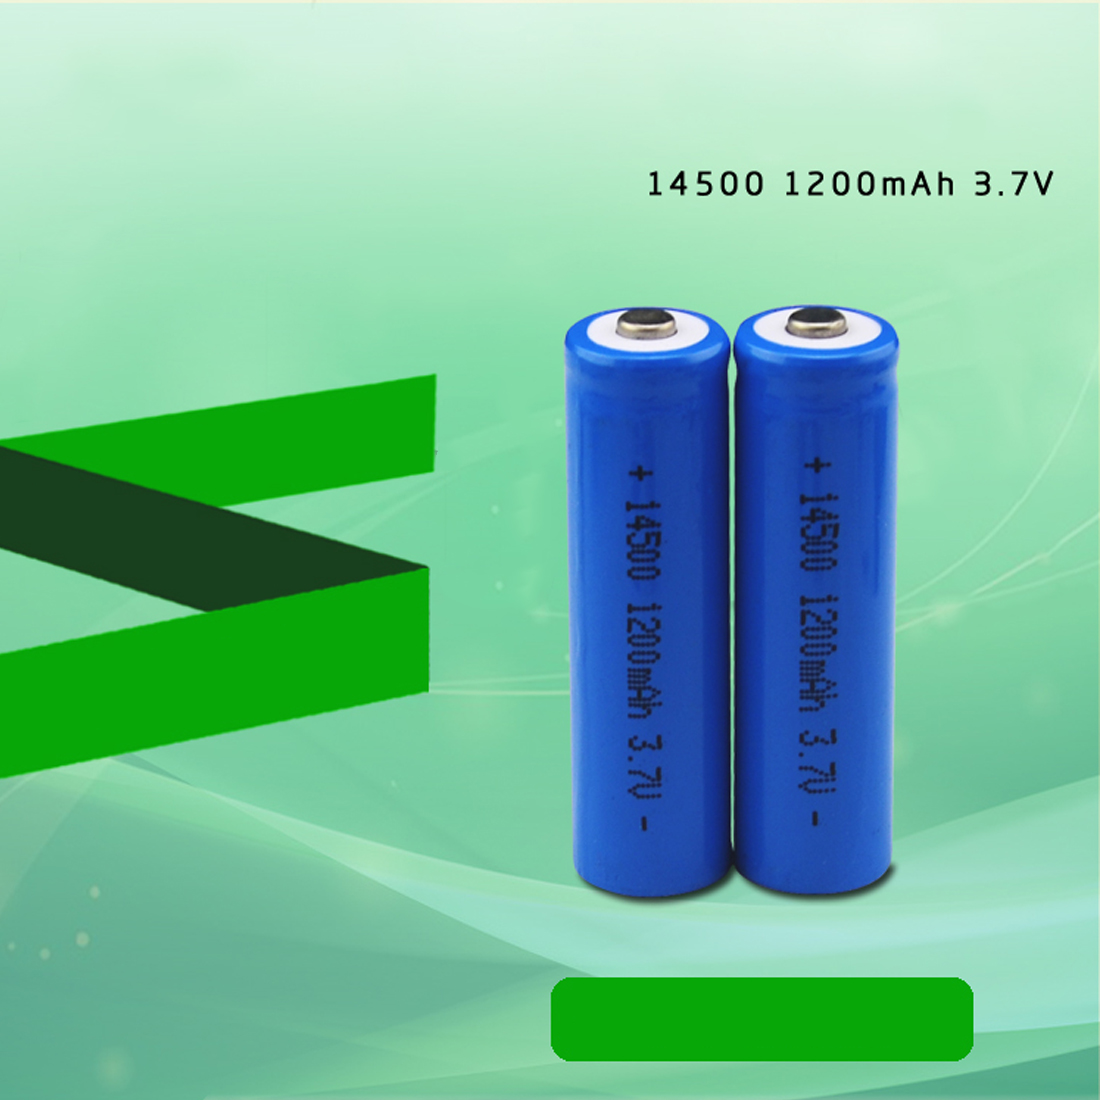 Centechia 12 pcs High Capacitance 14500 Battery 3.7V 1300mAh Rechargeable Battery for Led Flashlight Batery Batteryest